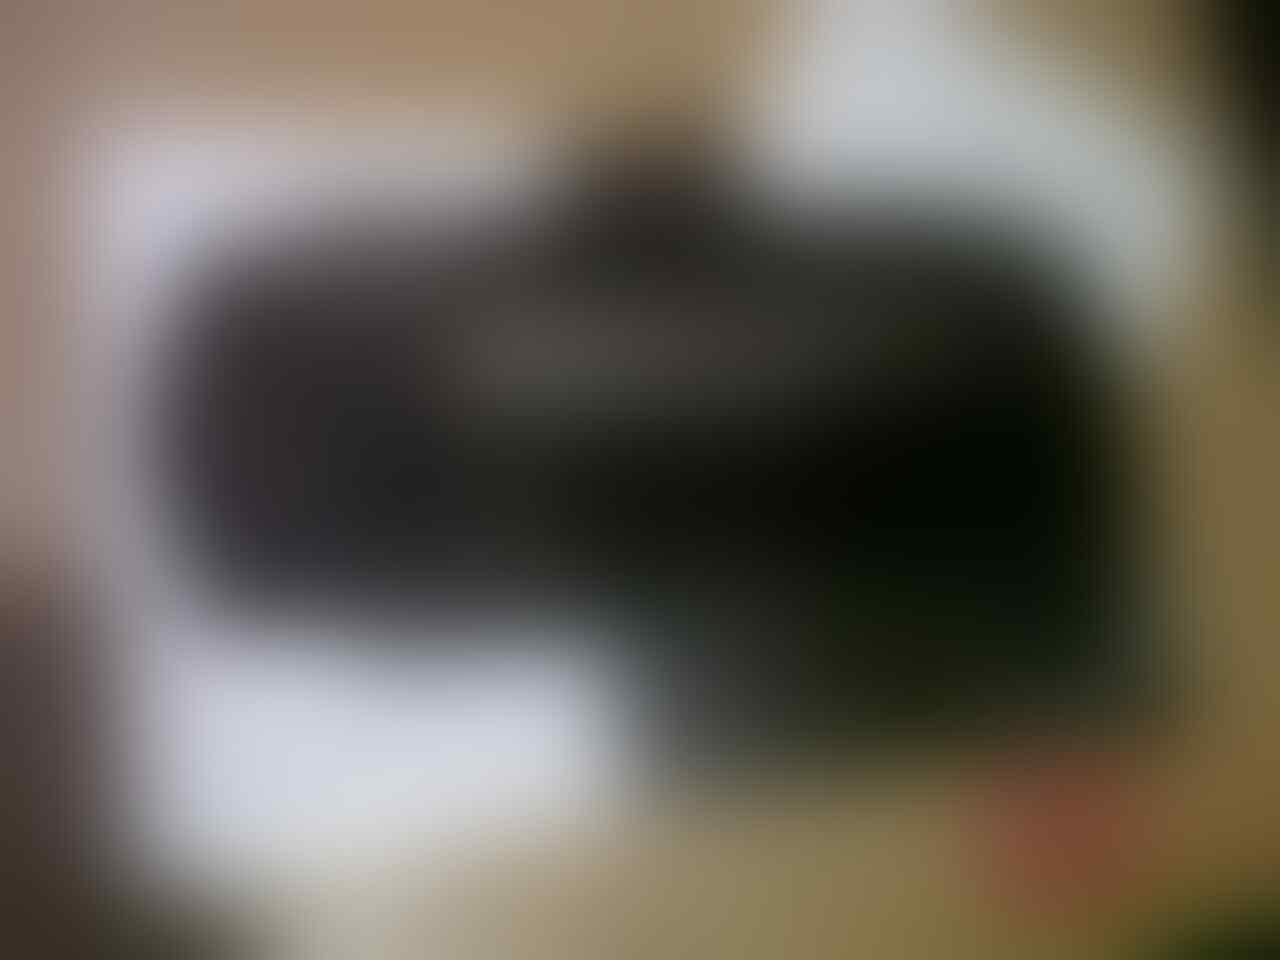 PSP SLiM 3006 Fullset + Like new. 1jt. METRO BANDUNG.